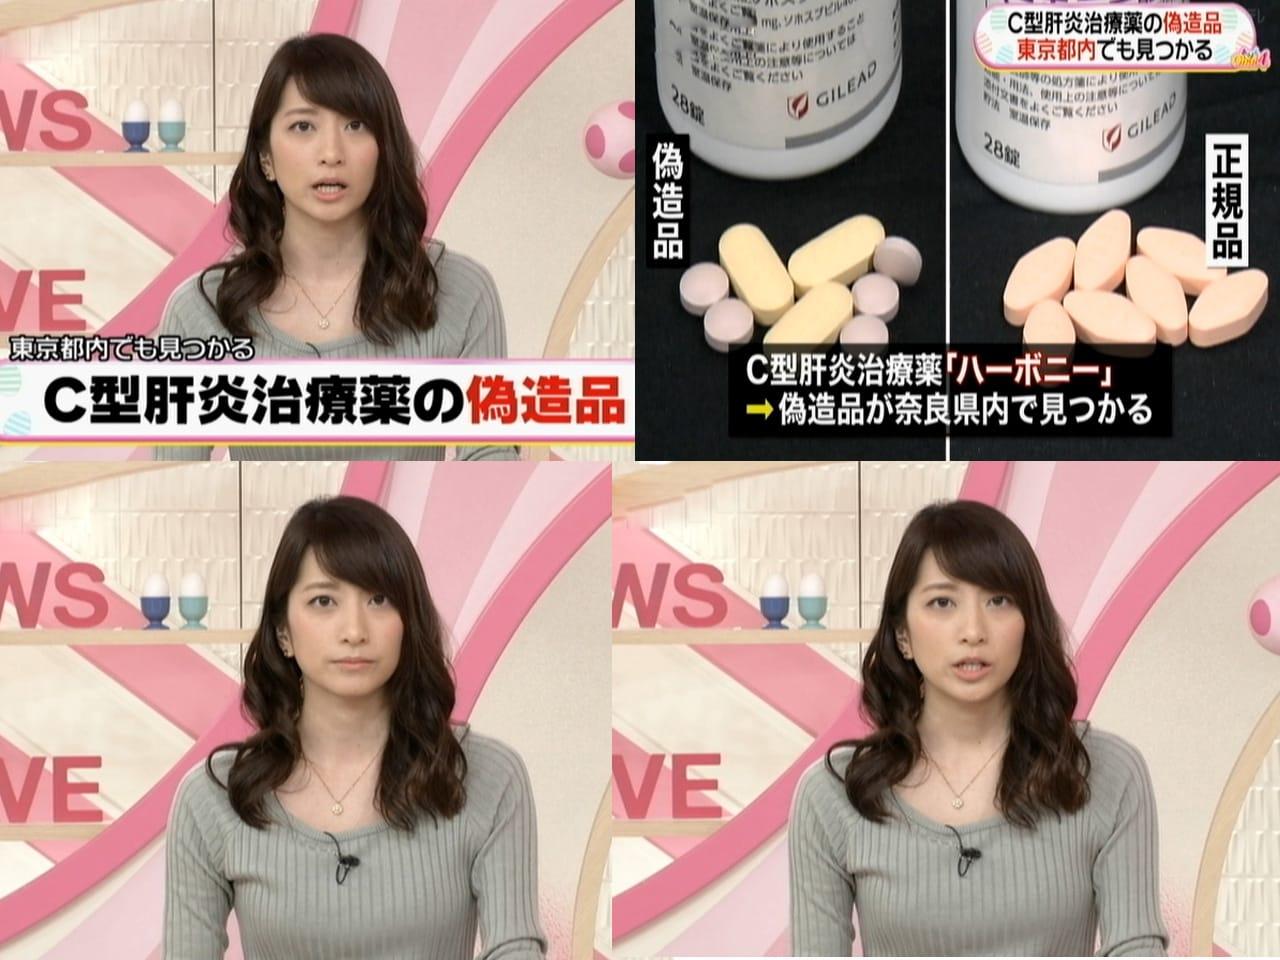 『テレビ』 ジャンルのランキング コメント 笹崎 里菜 C型肝炎治療薬の偽造品東京でも